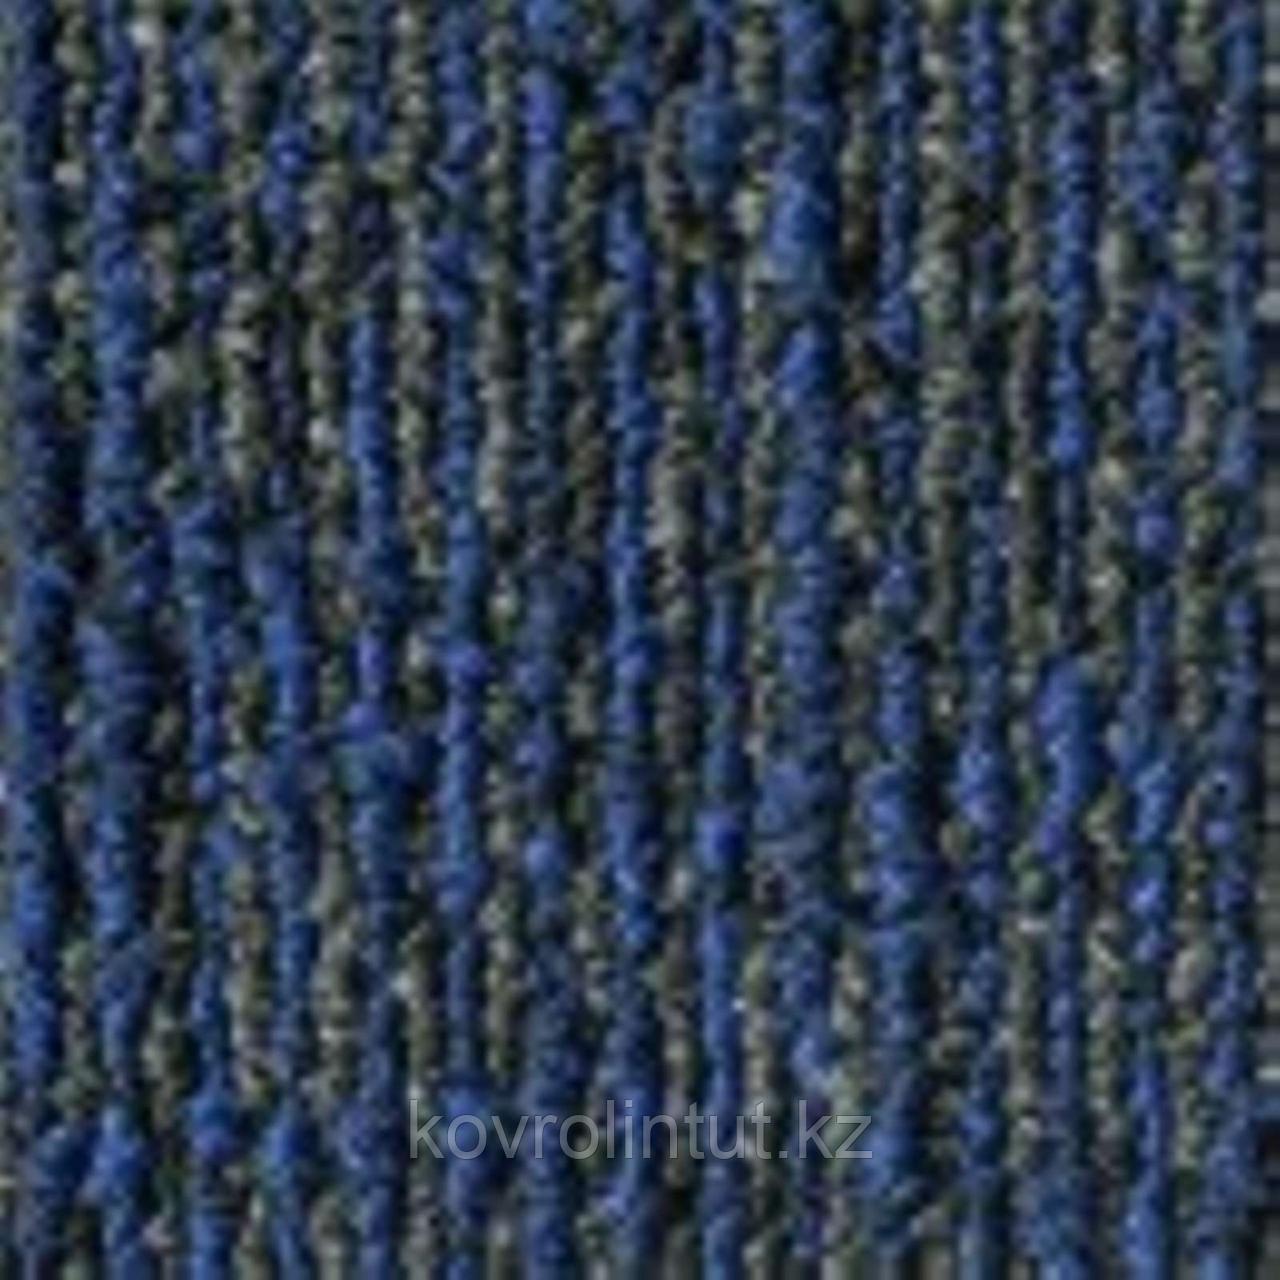 Плитка ковровая Сondor Graphic Unique 83, 50х50, 5м2/уп